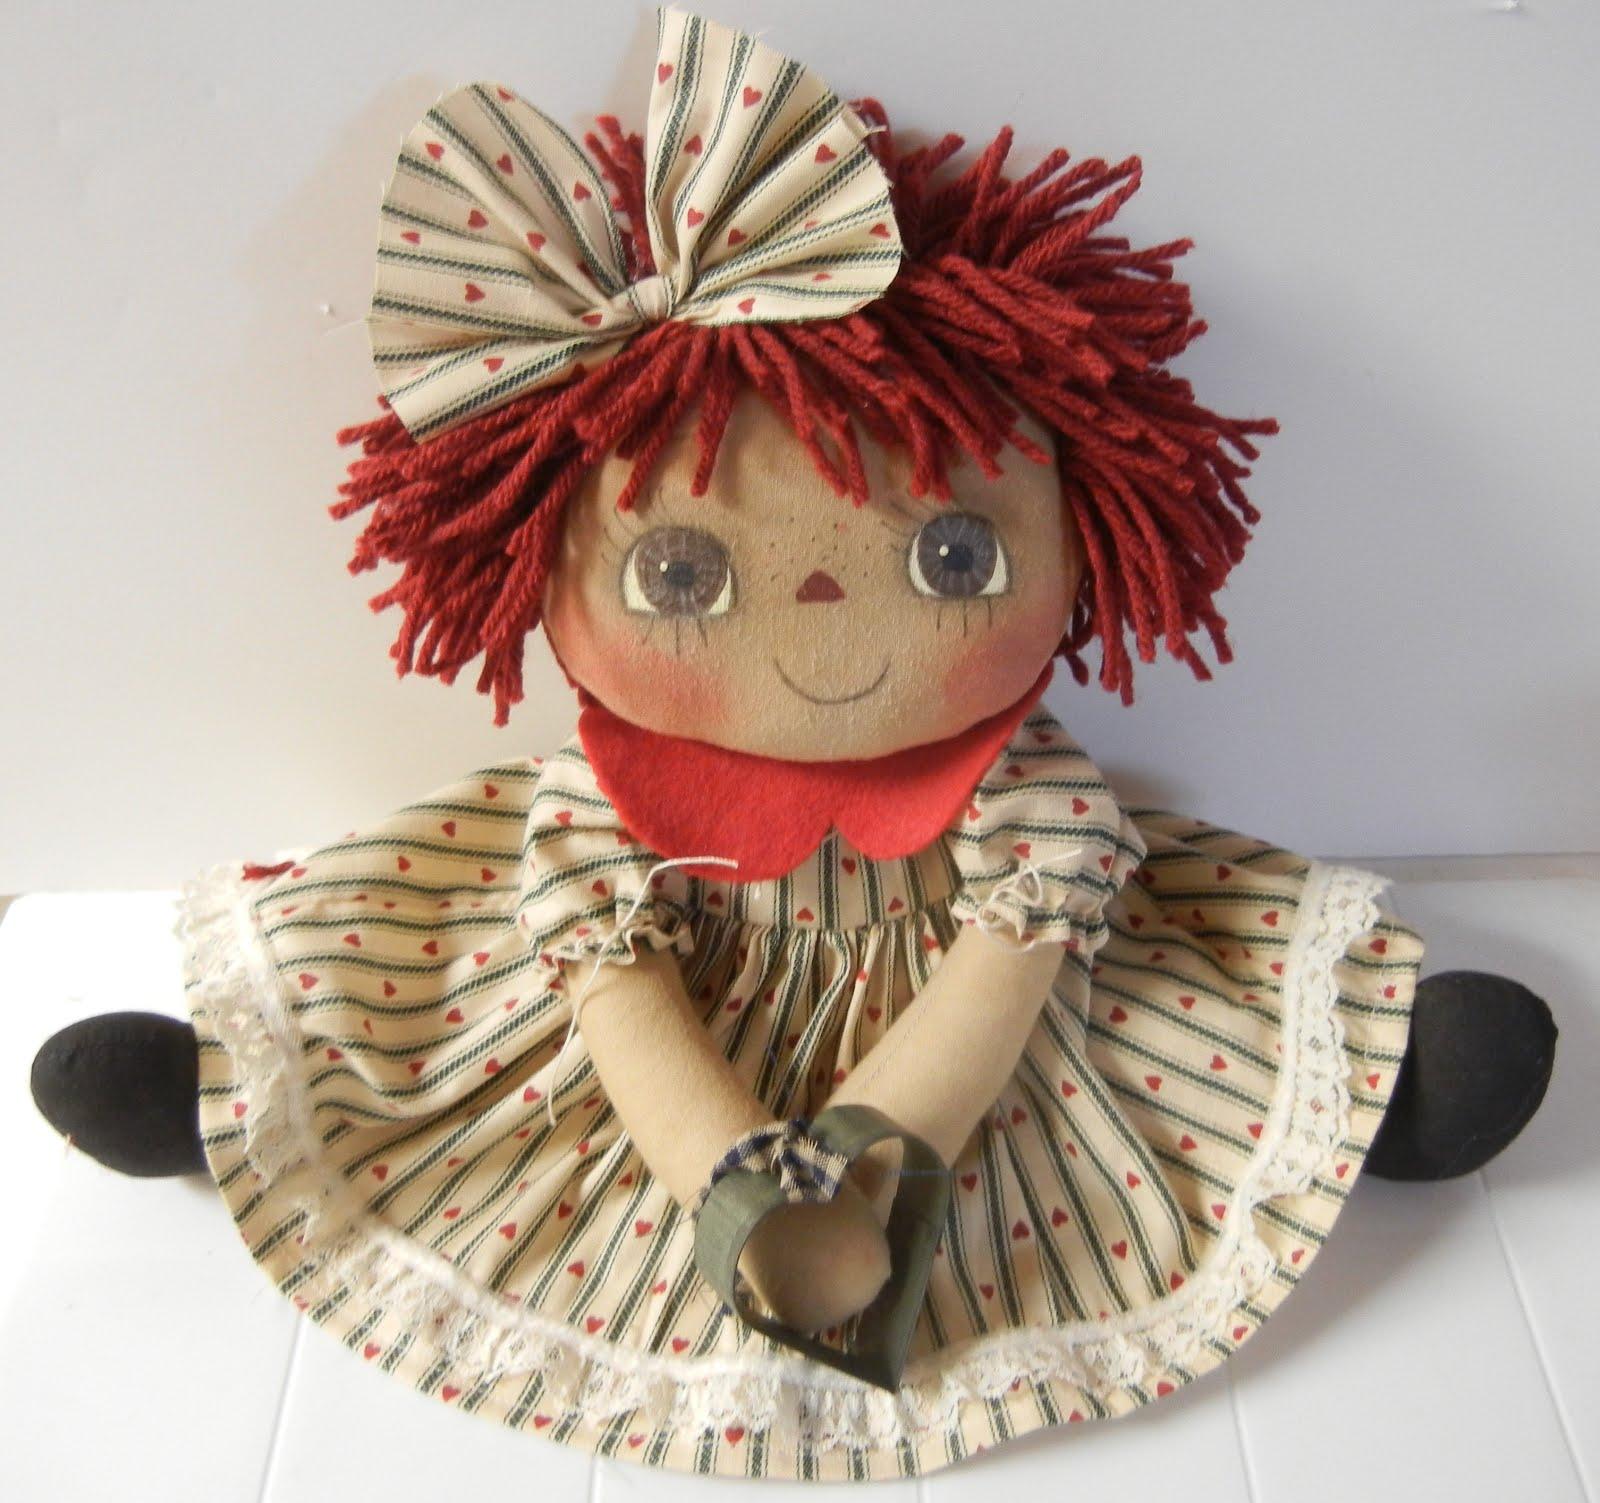 Little Annie